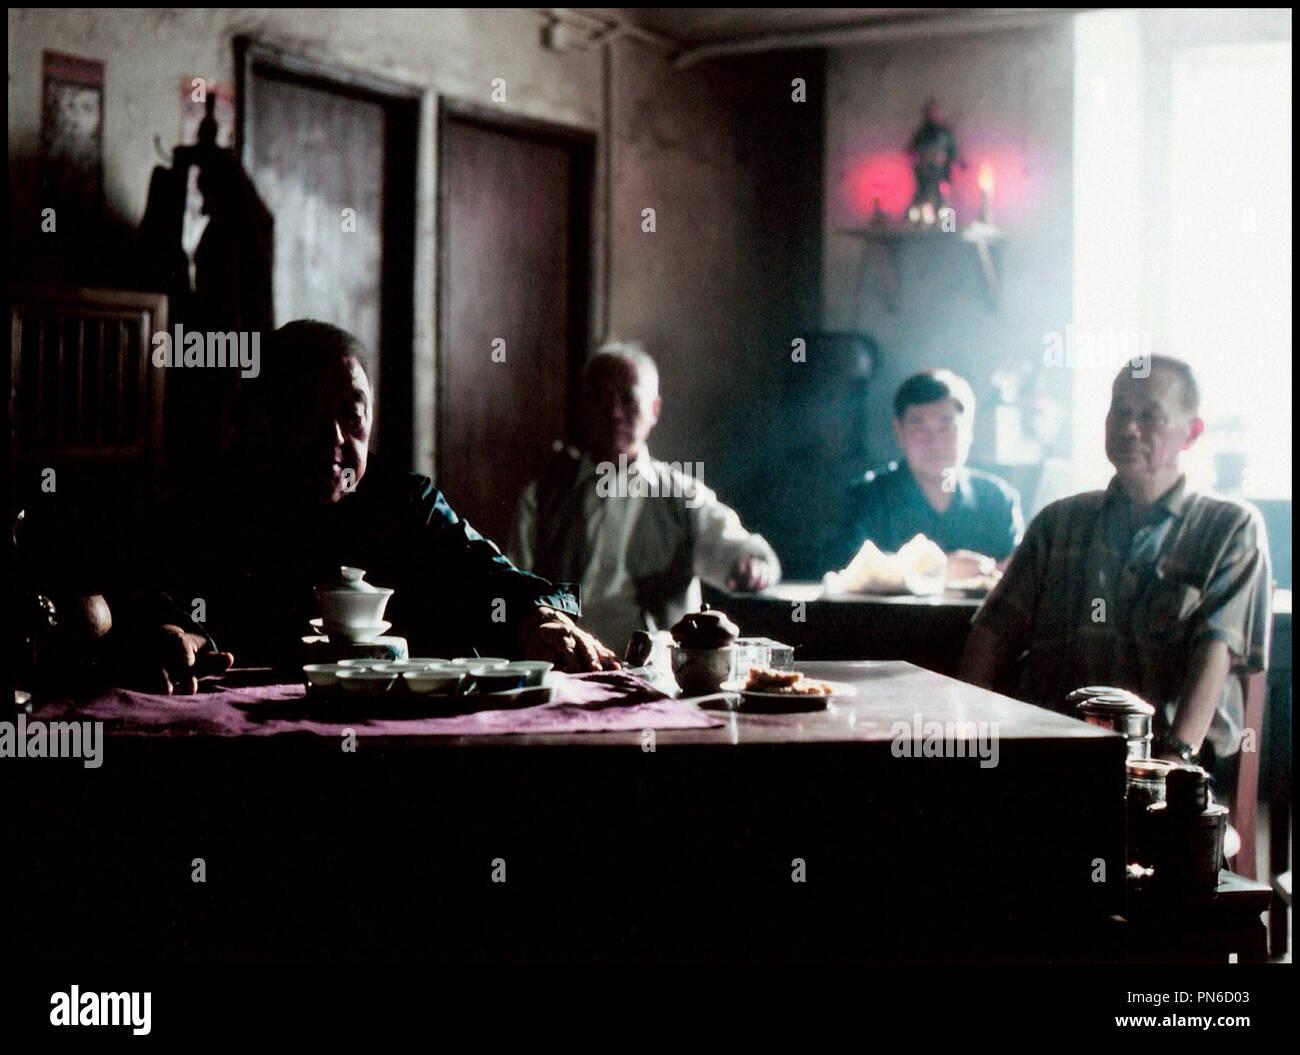 Prod DB © Milky Way / DR ELECTION (HAK SE WUI) de Johnny To 2005 HK triades, mafia Stock Photo